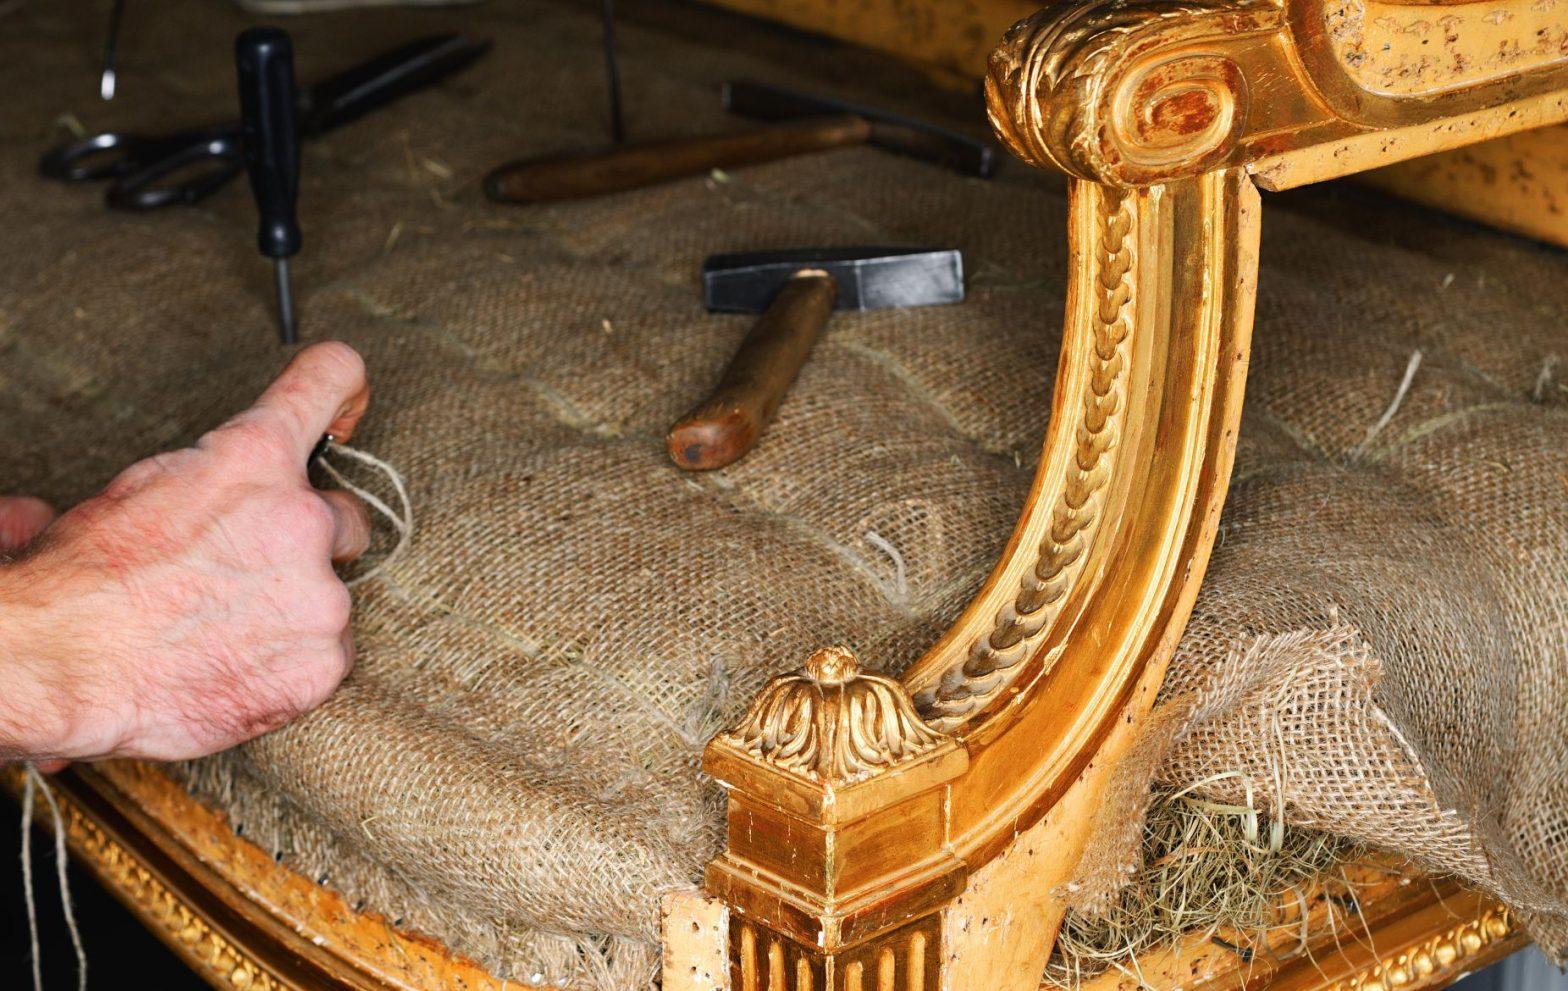 Antique Repair and Restoration Services